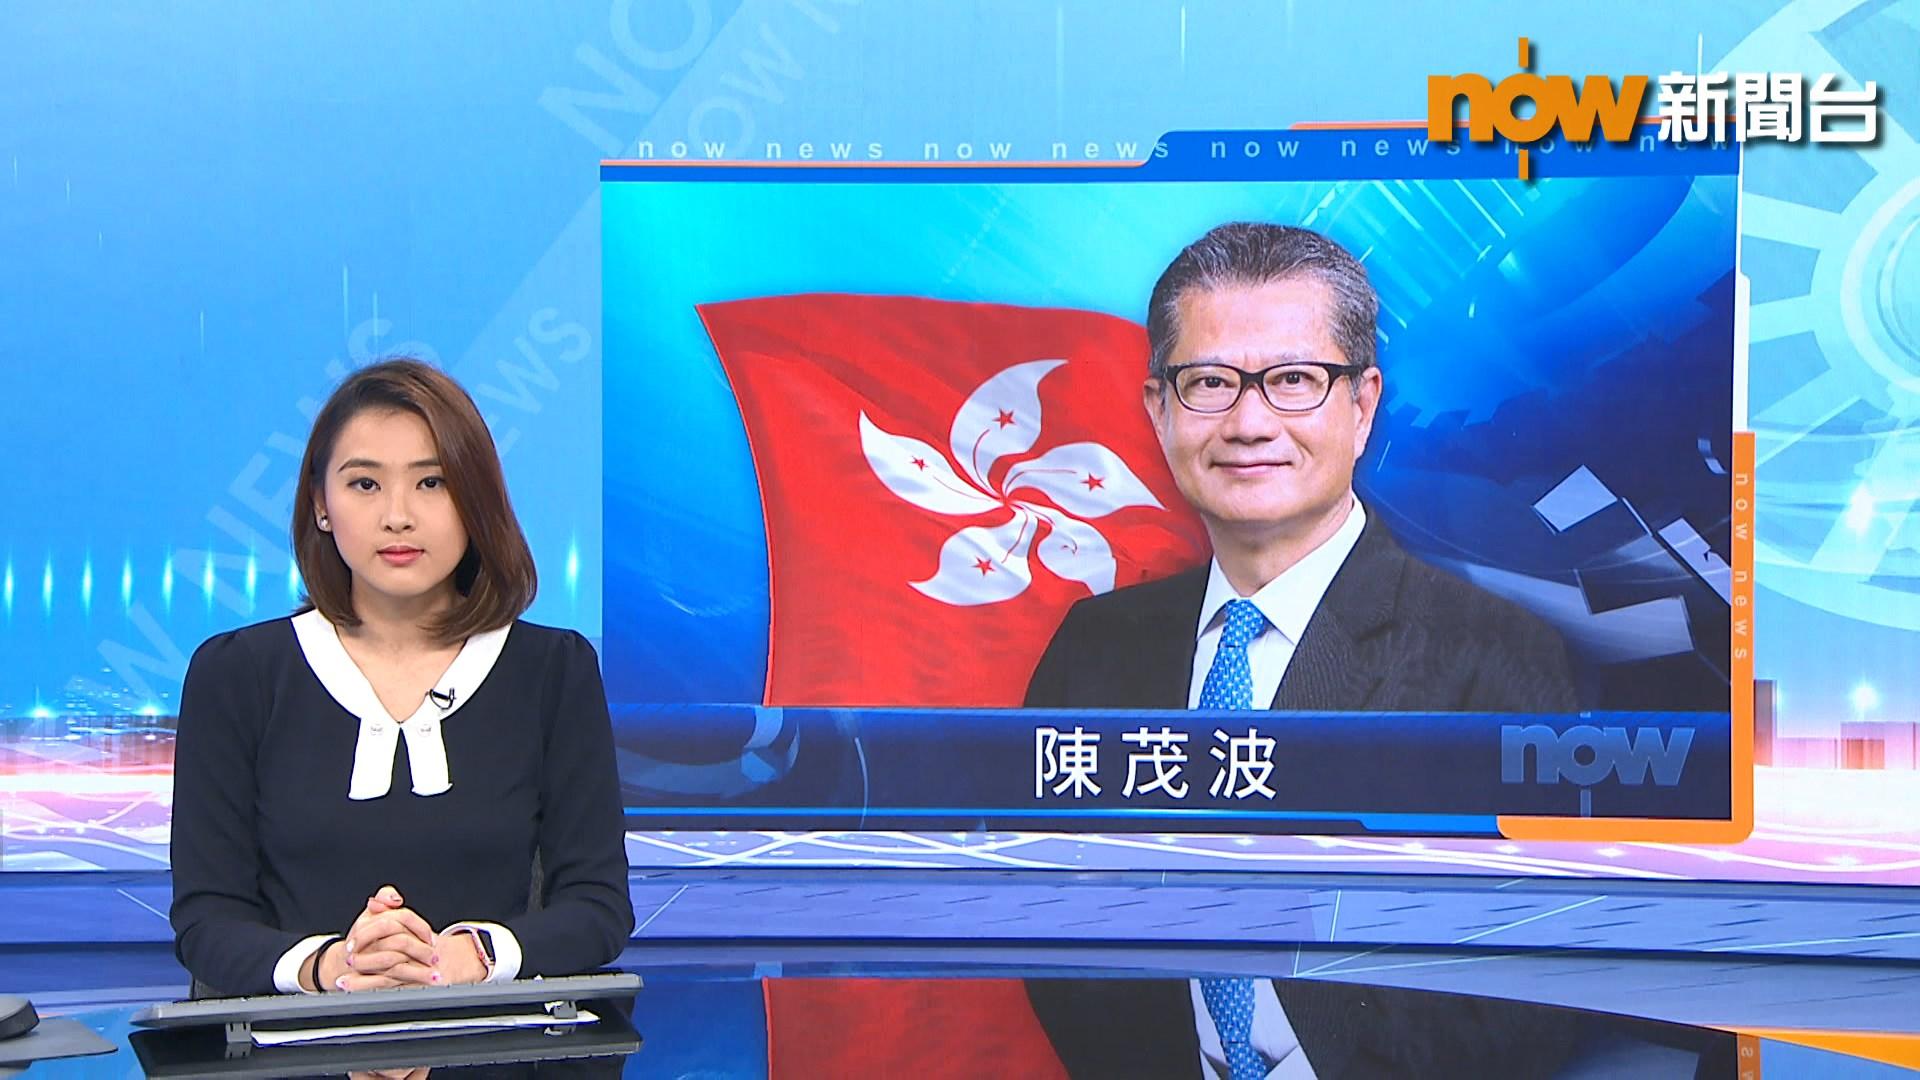 陳茂波:助市民置業首要增加資助房屋供應